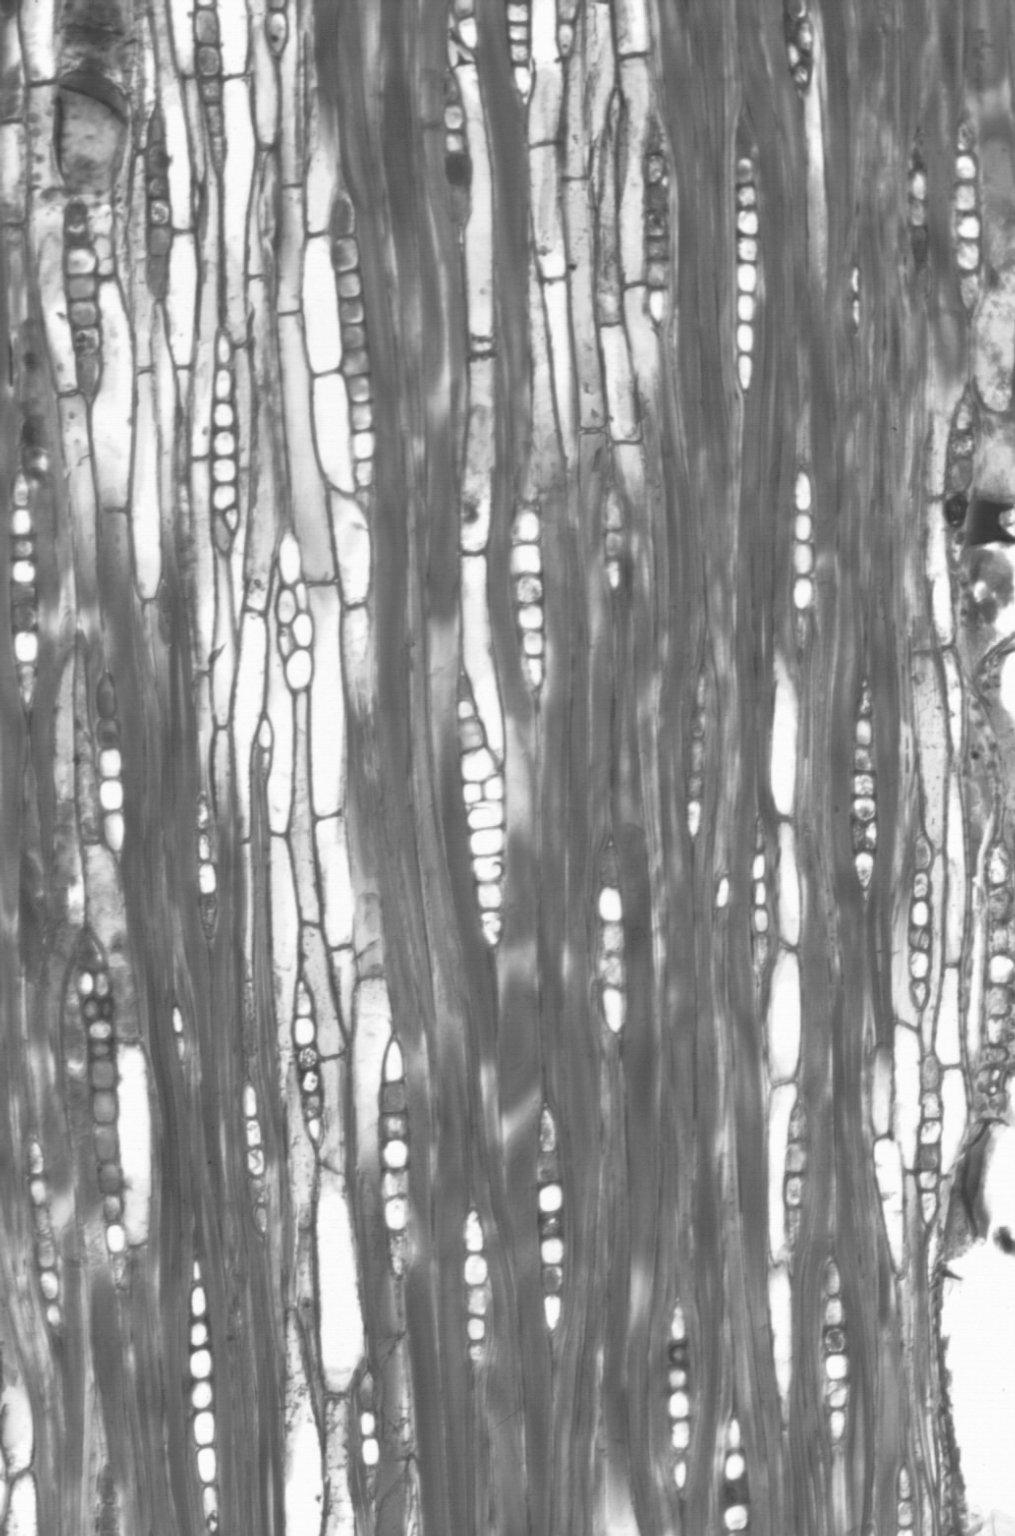 MYRTACEAE Corymbia haematoxylon